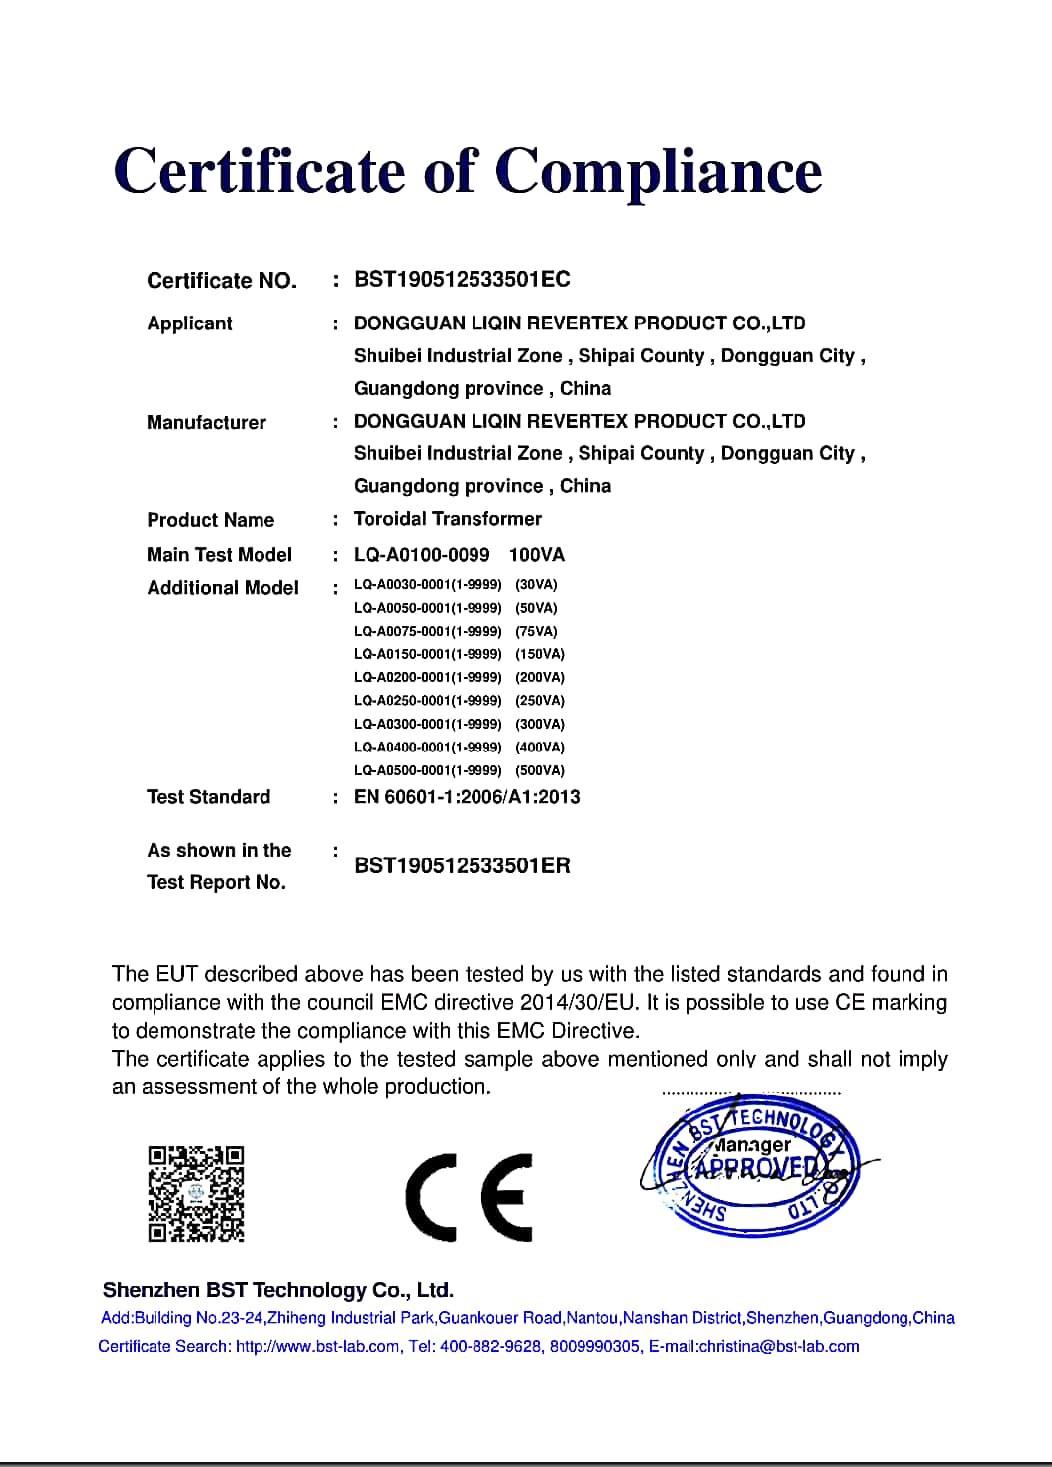 EN 60601-1: 2006 / A1: 2013 (medico)